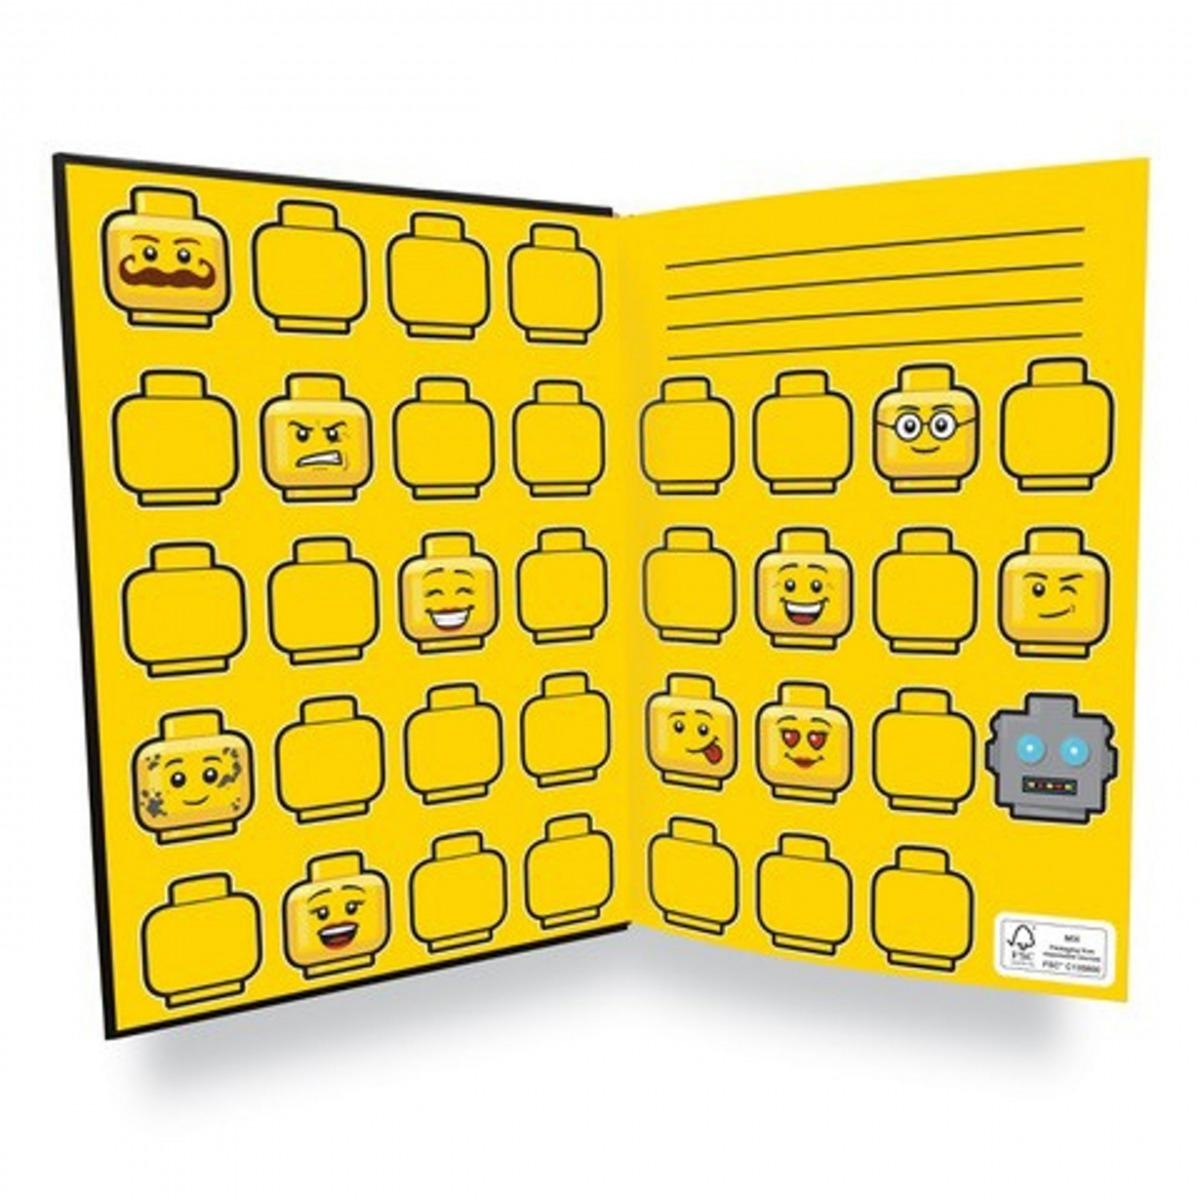 lego 5005900 quaderno con minifigure scaled